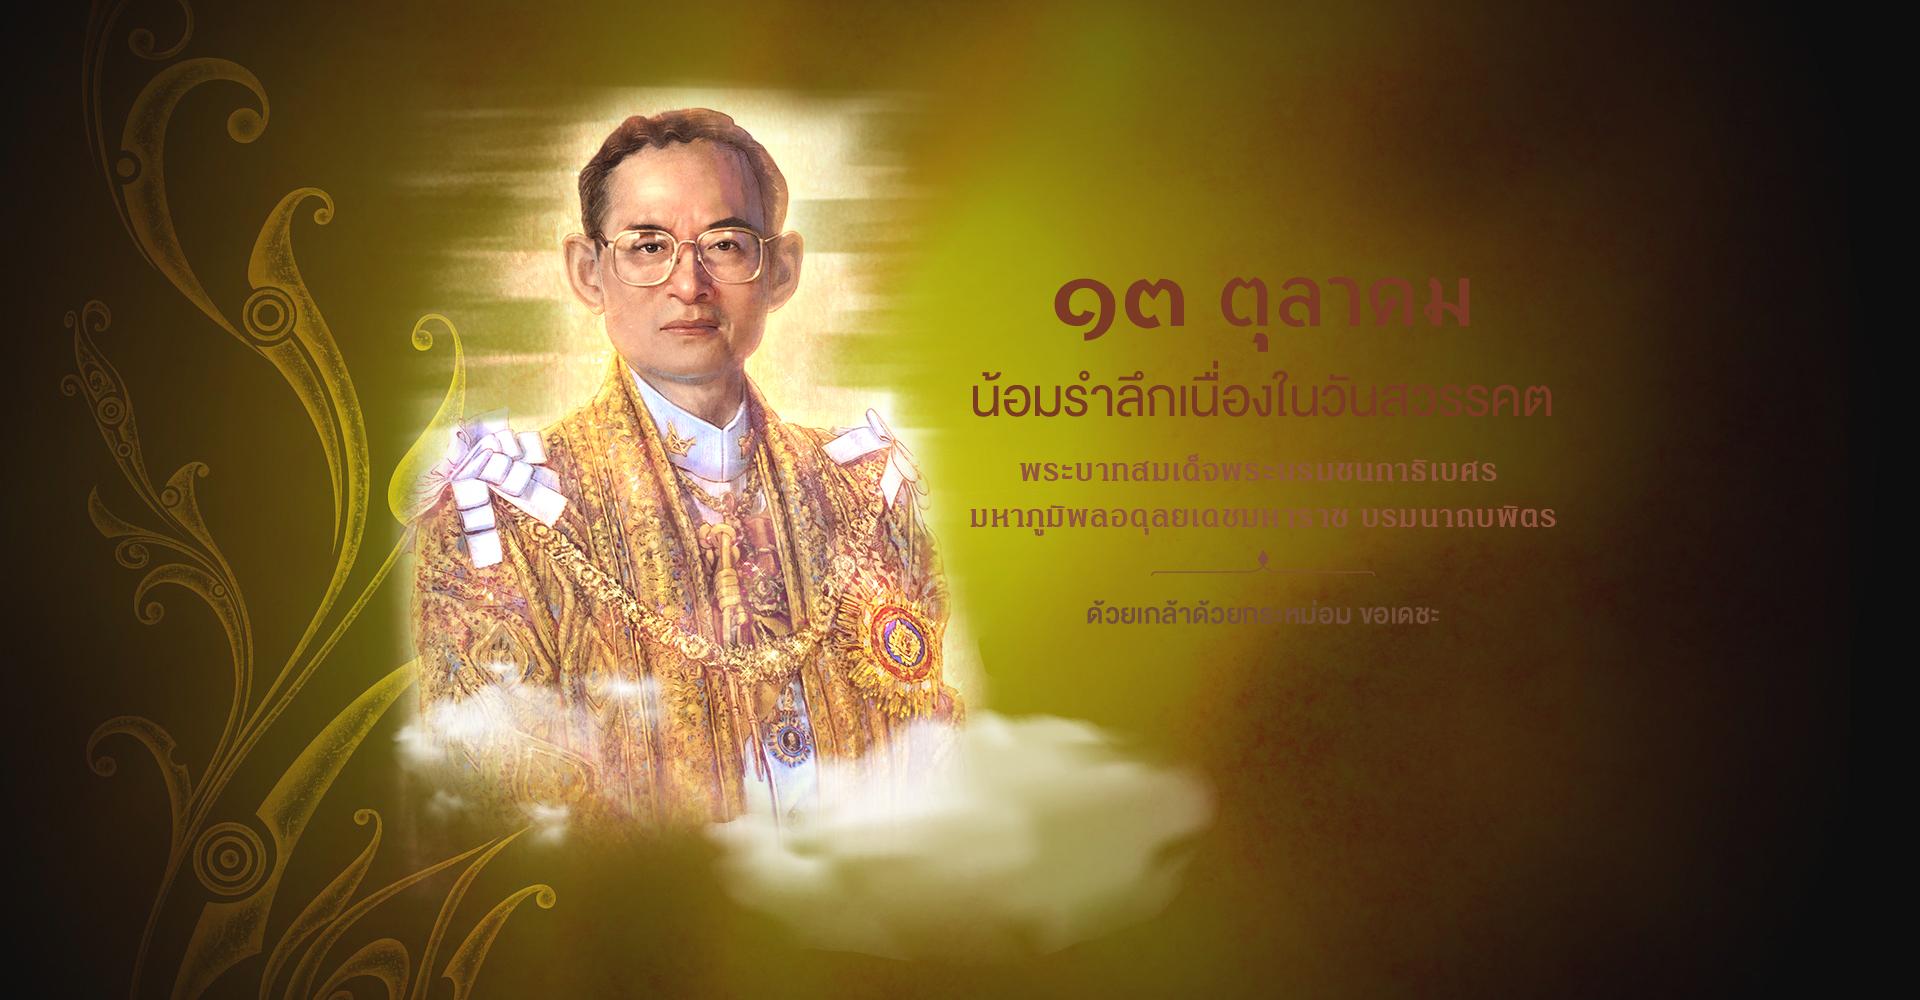 พระเจ้าแผ่นดินของไทย